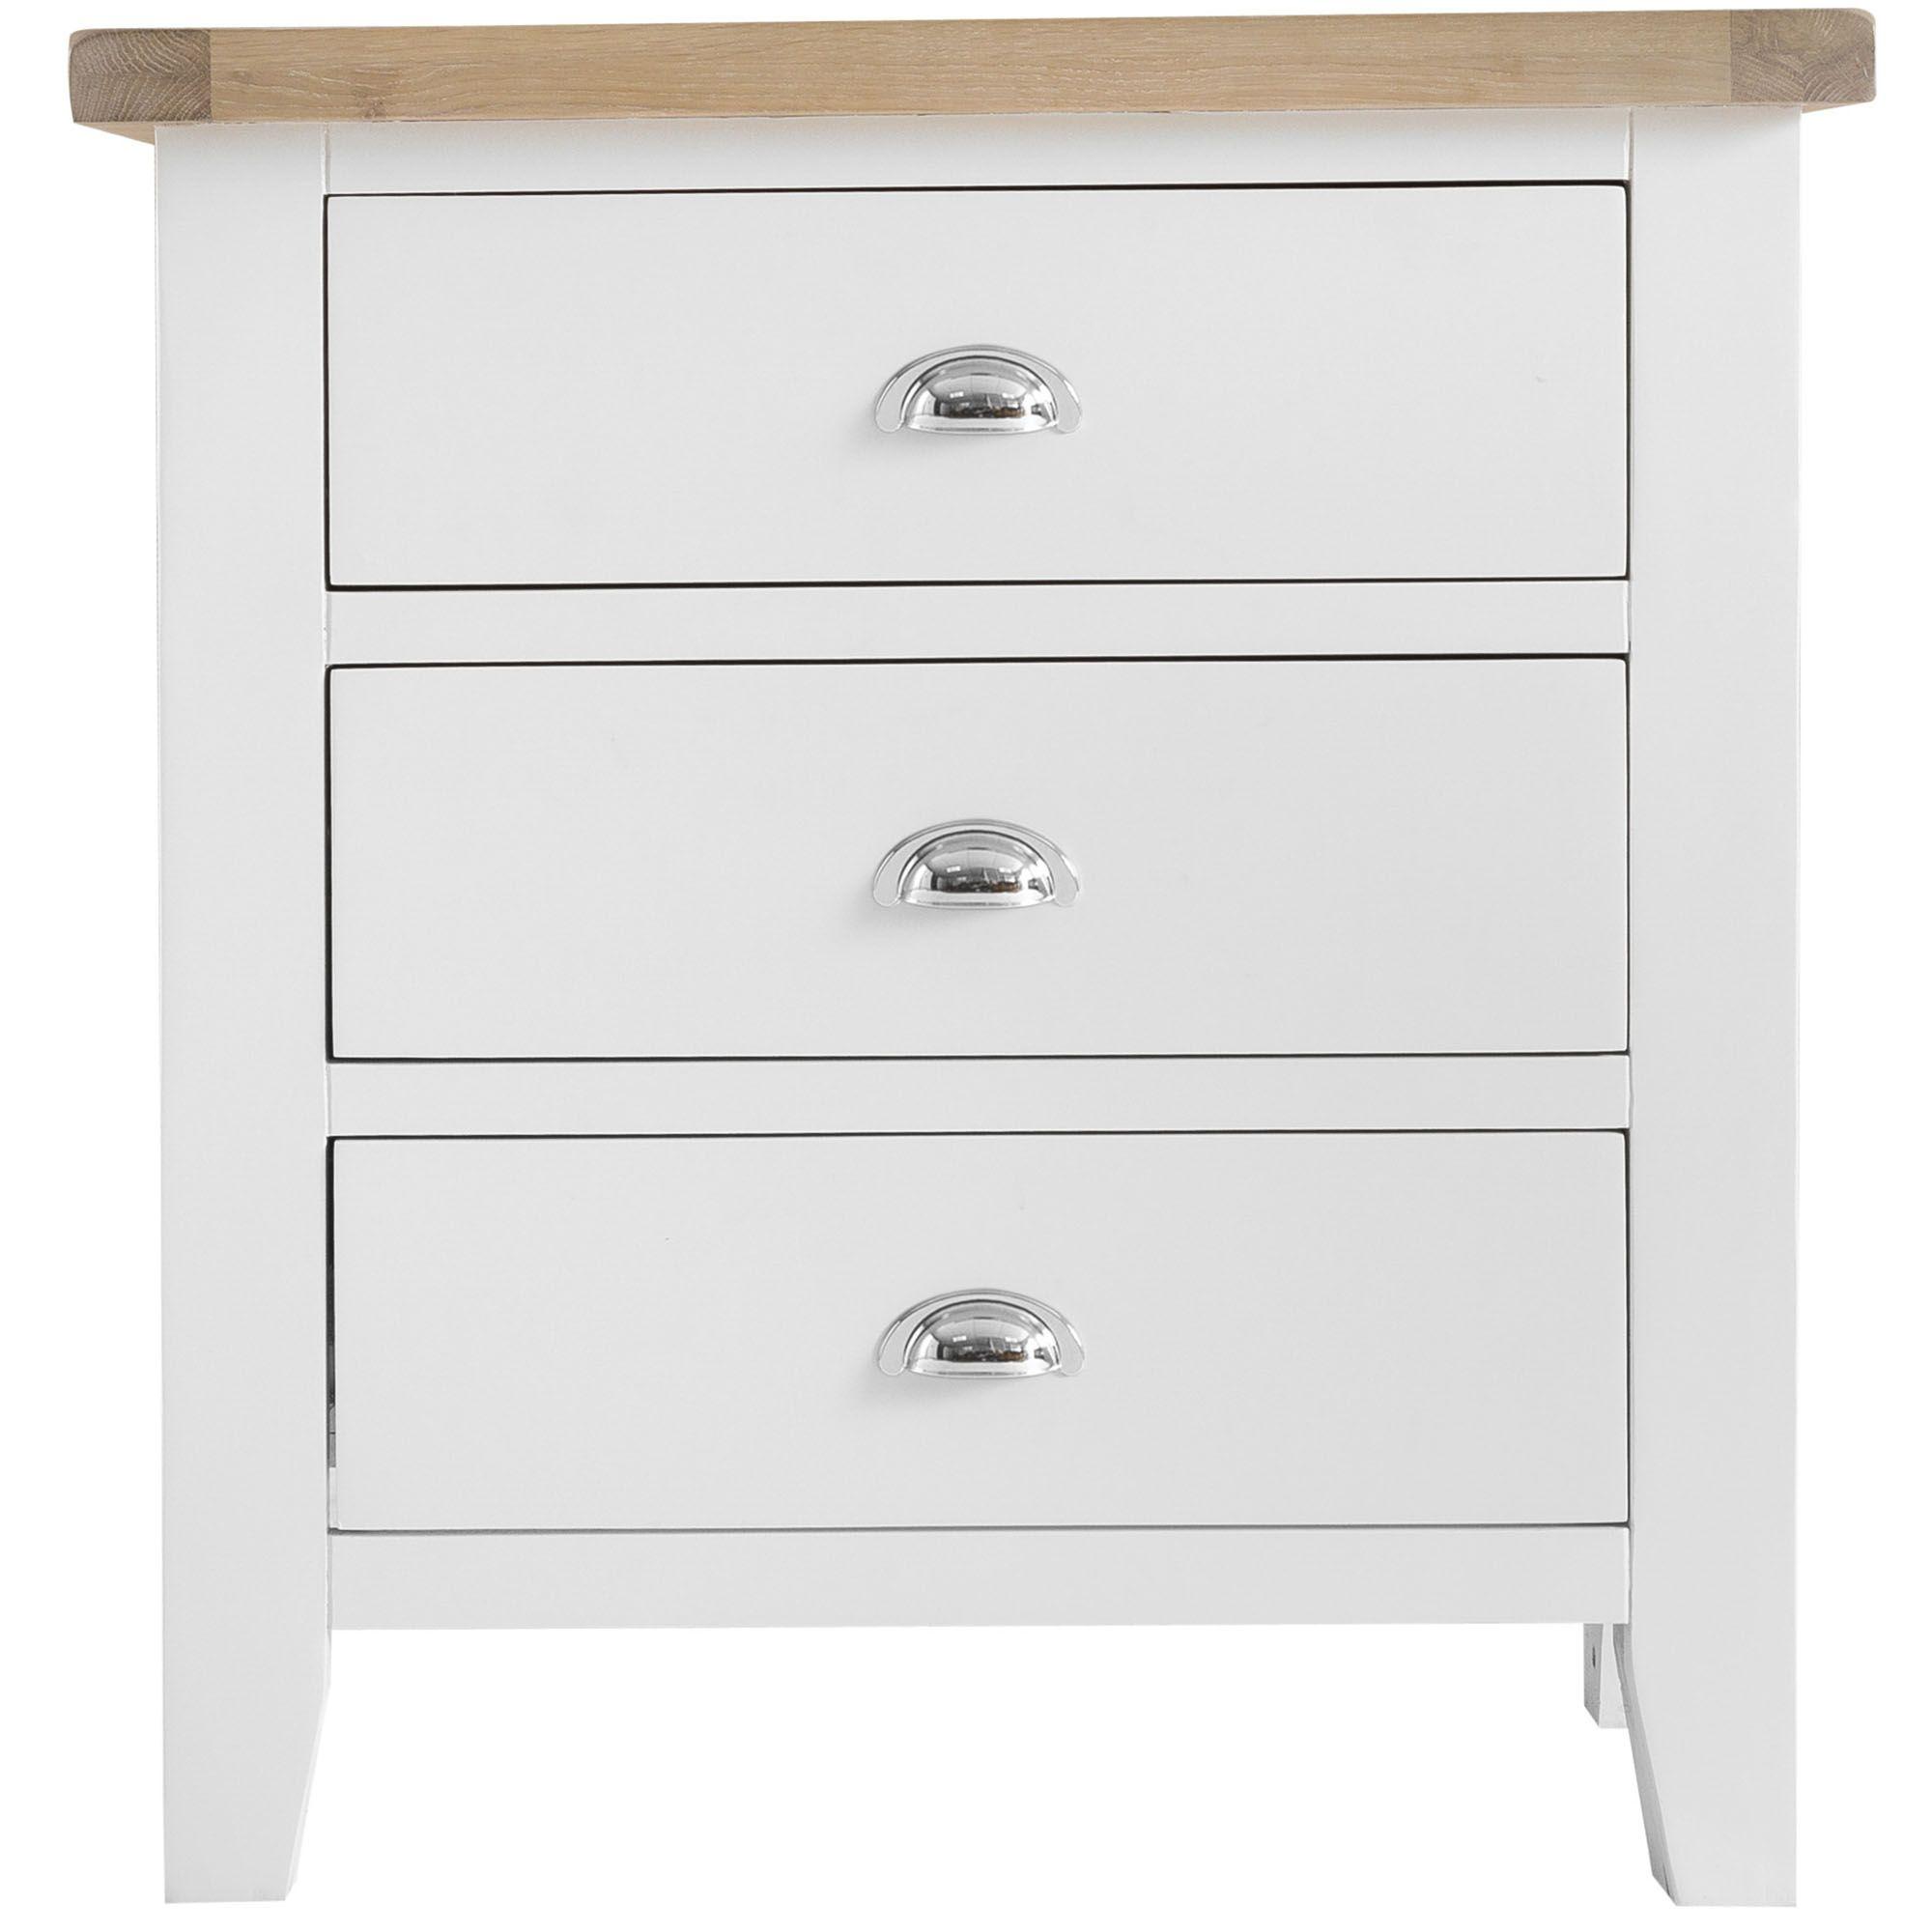 Tilly Extra Large 3 Drawer Bedside Locker White Bedside Lockers Bedside Tables Meubles